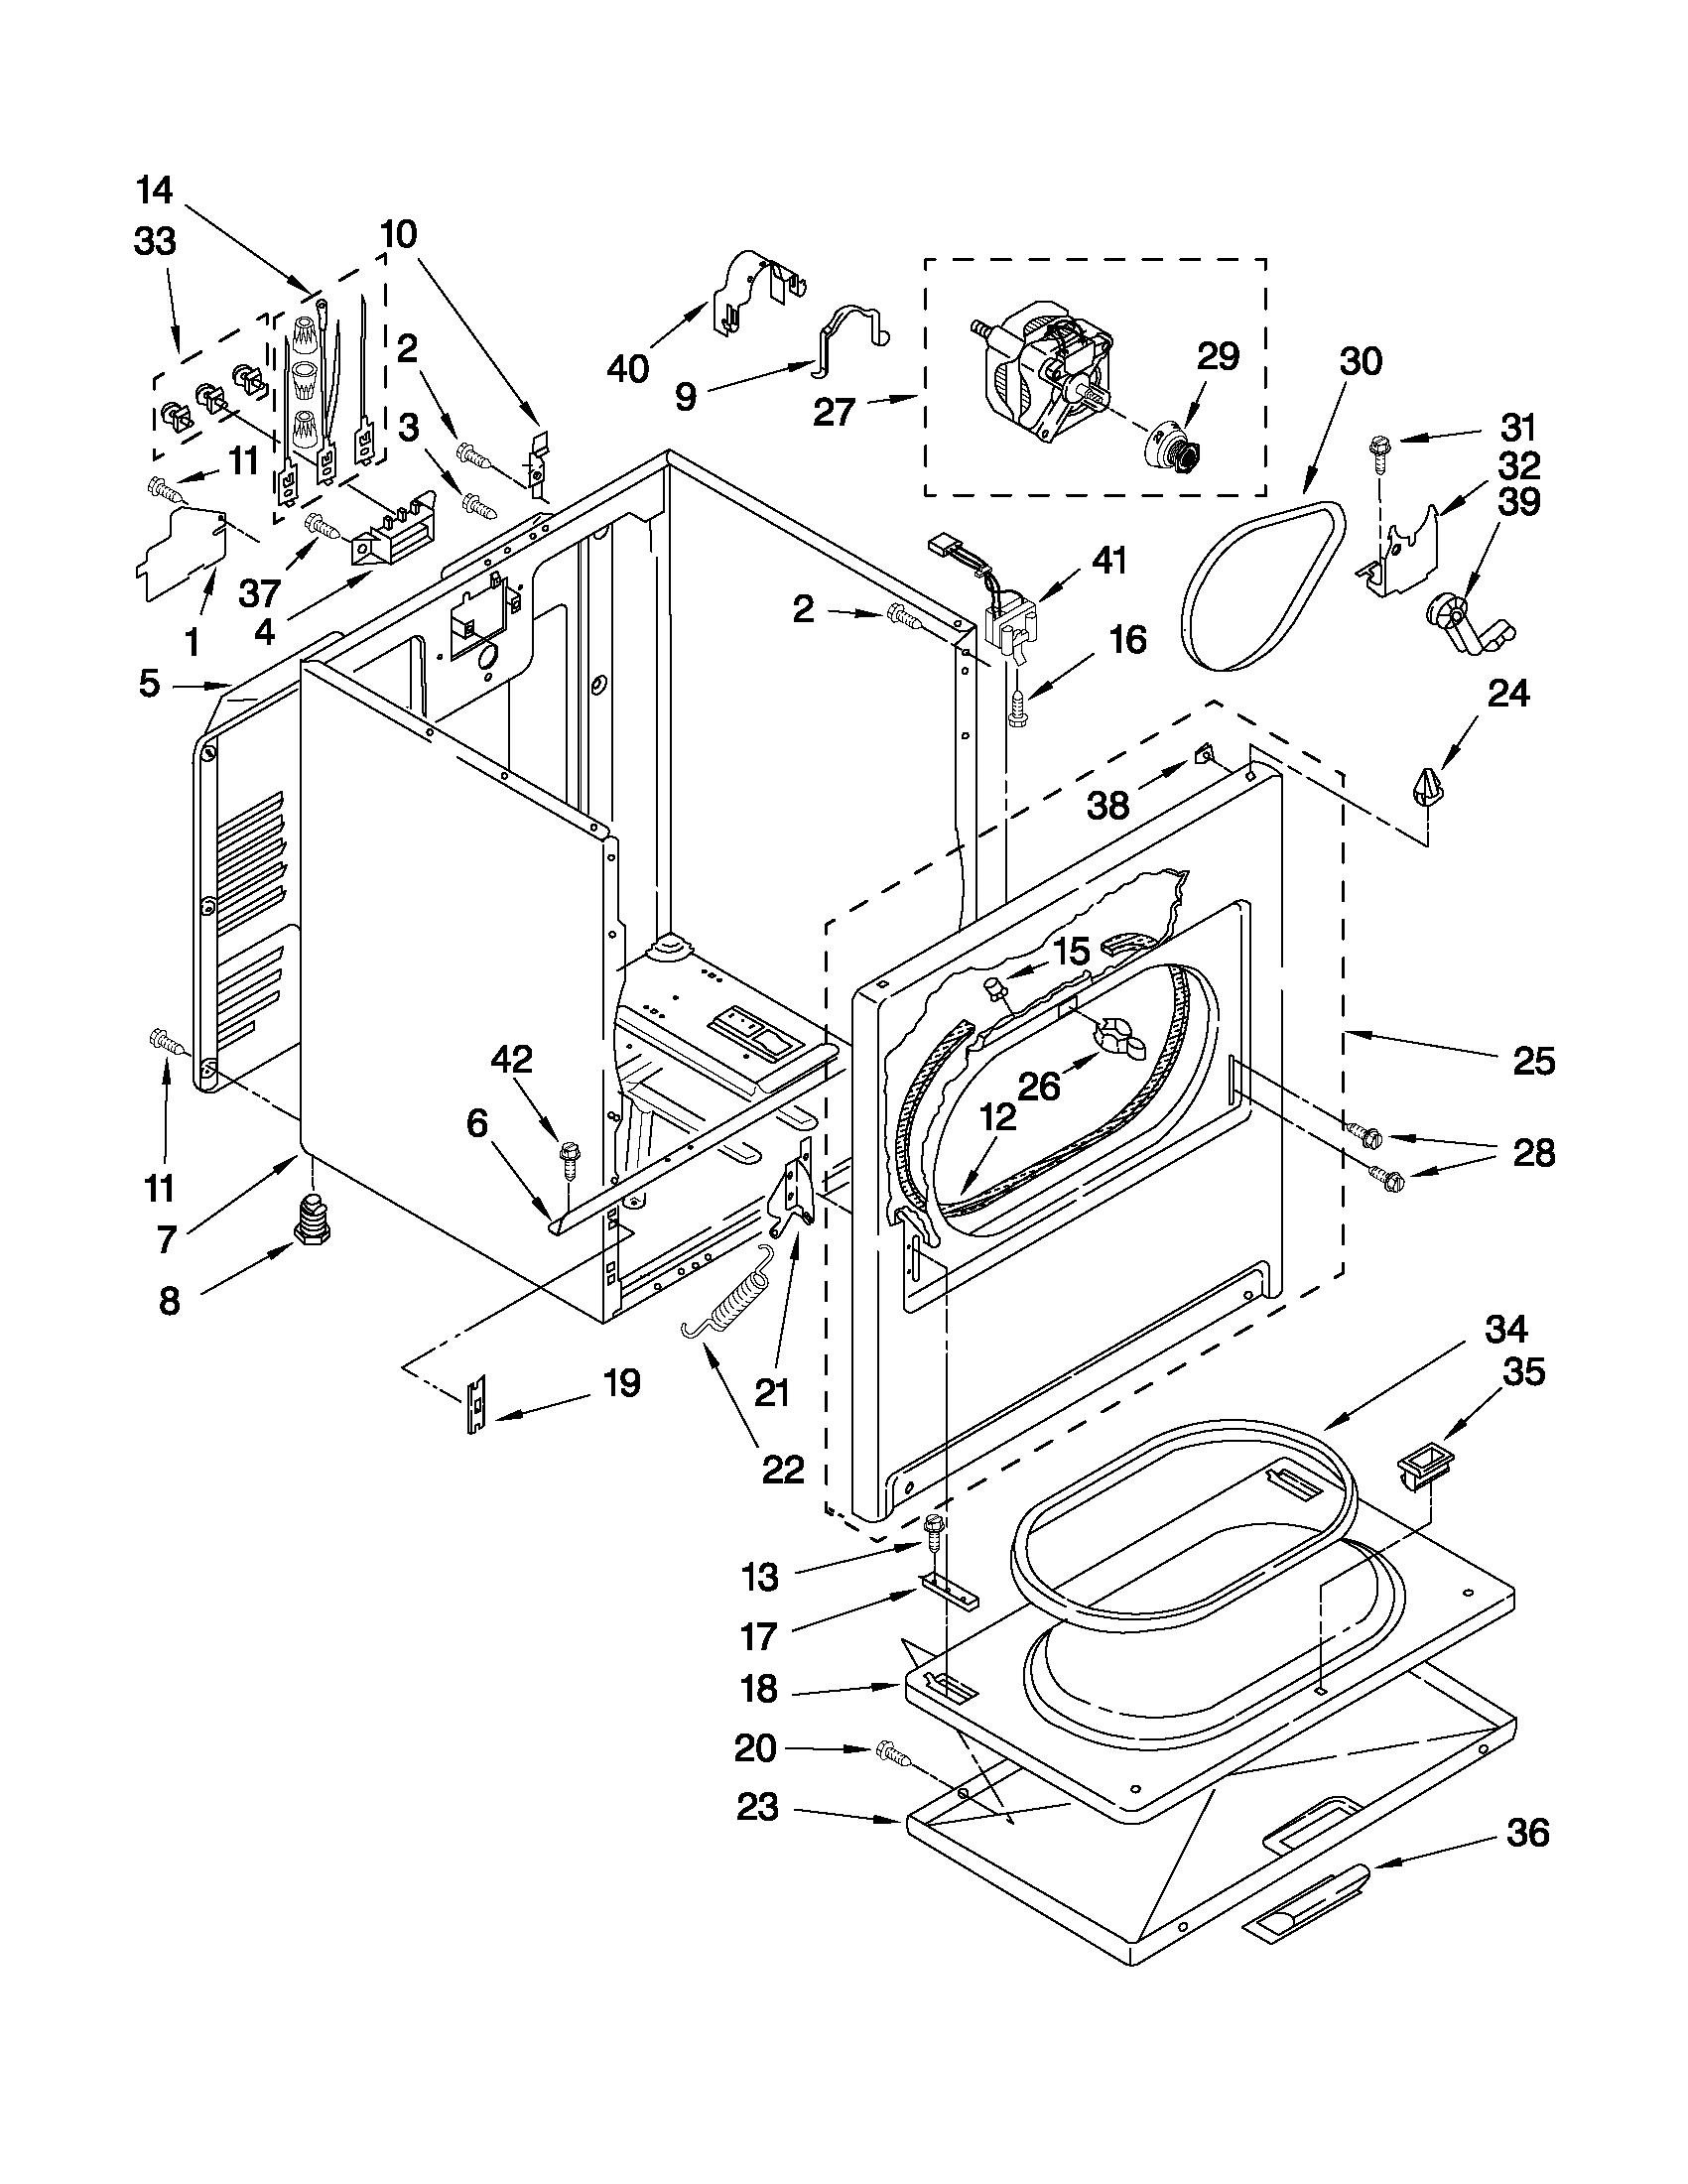 Kenmore Model 110 Repair Manual